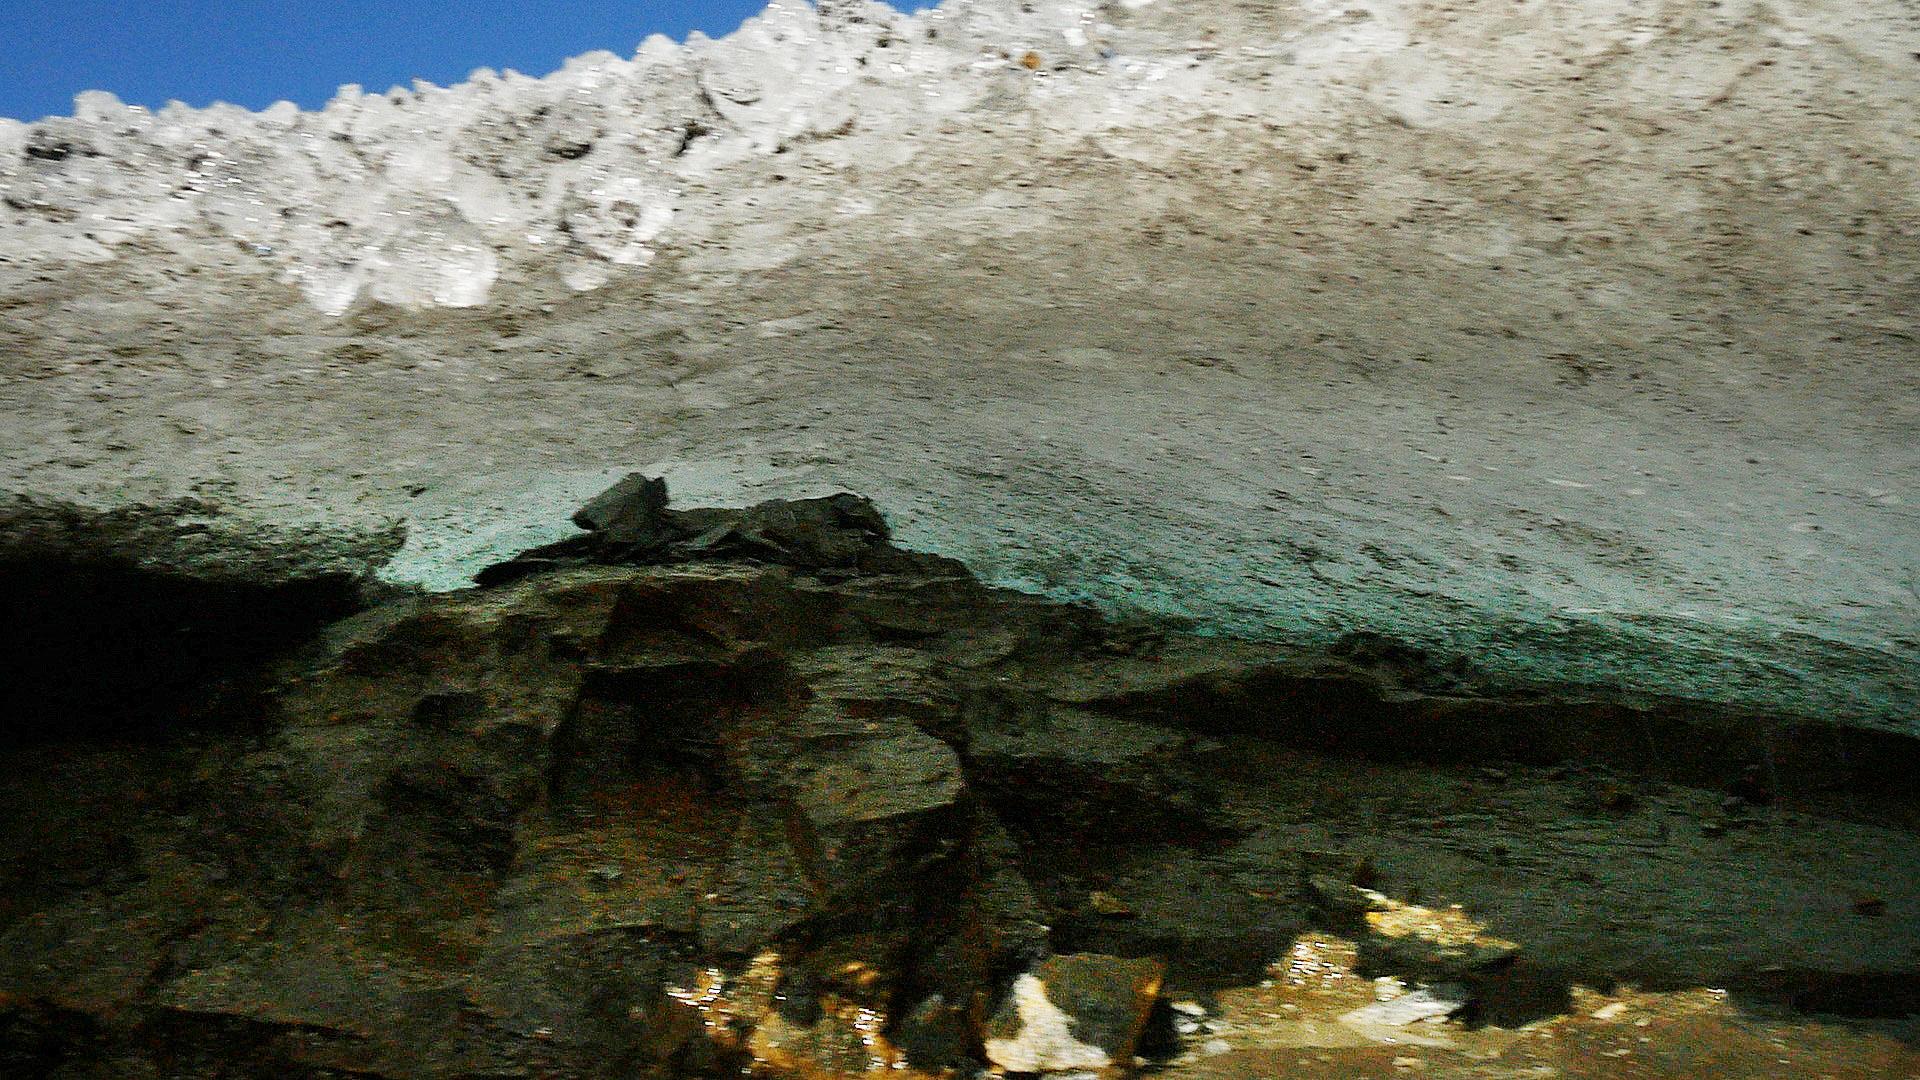 Gletscherforschung2